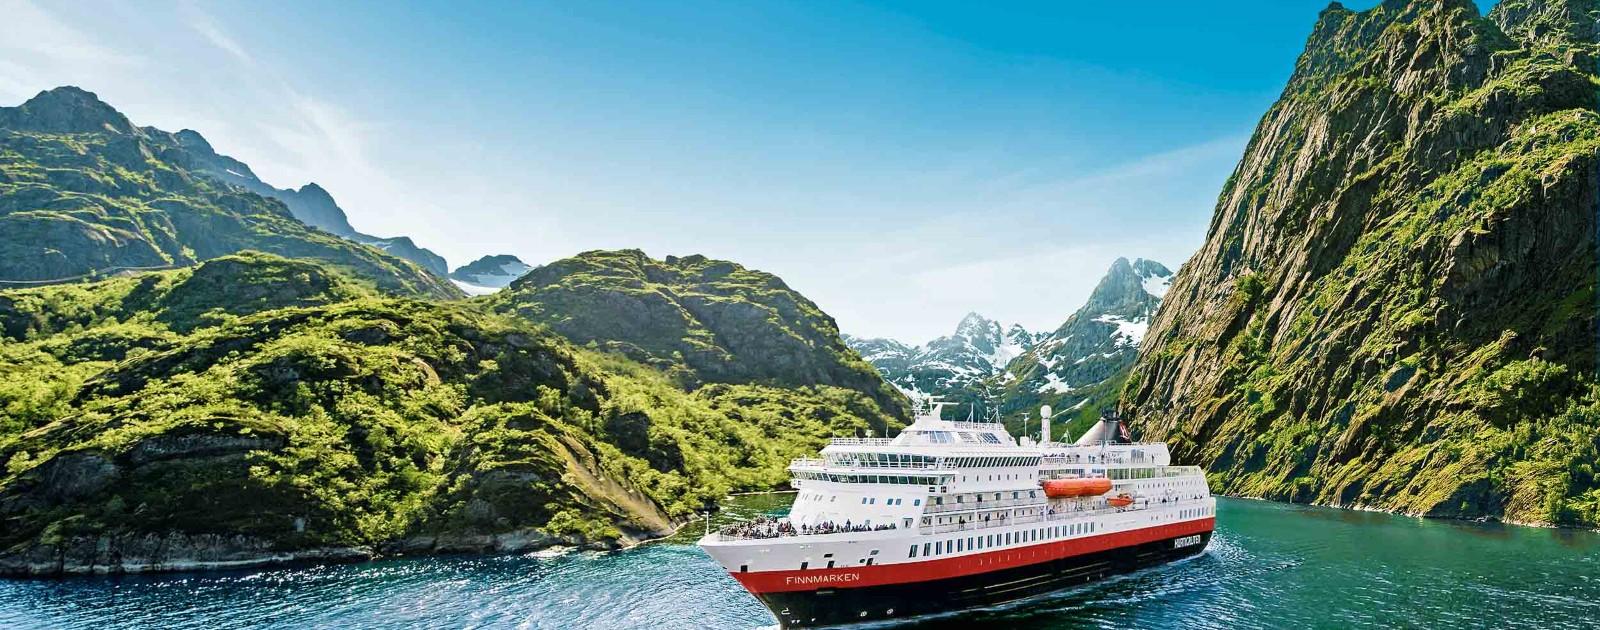 Reis Bergen - Kirkenes - Bergen | Hurtigruten